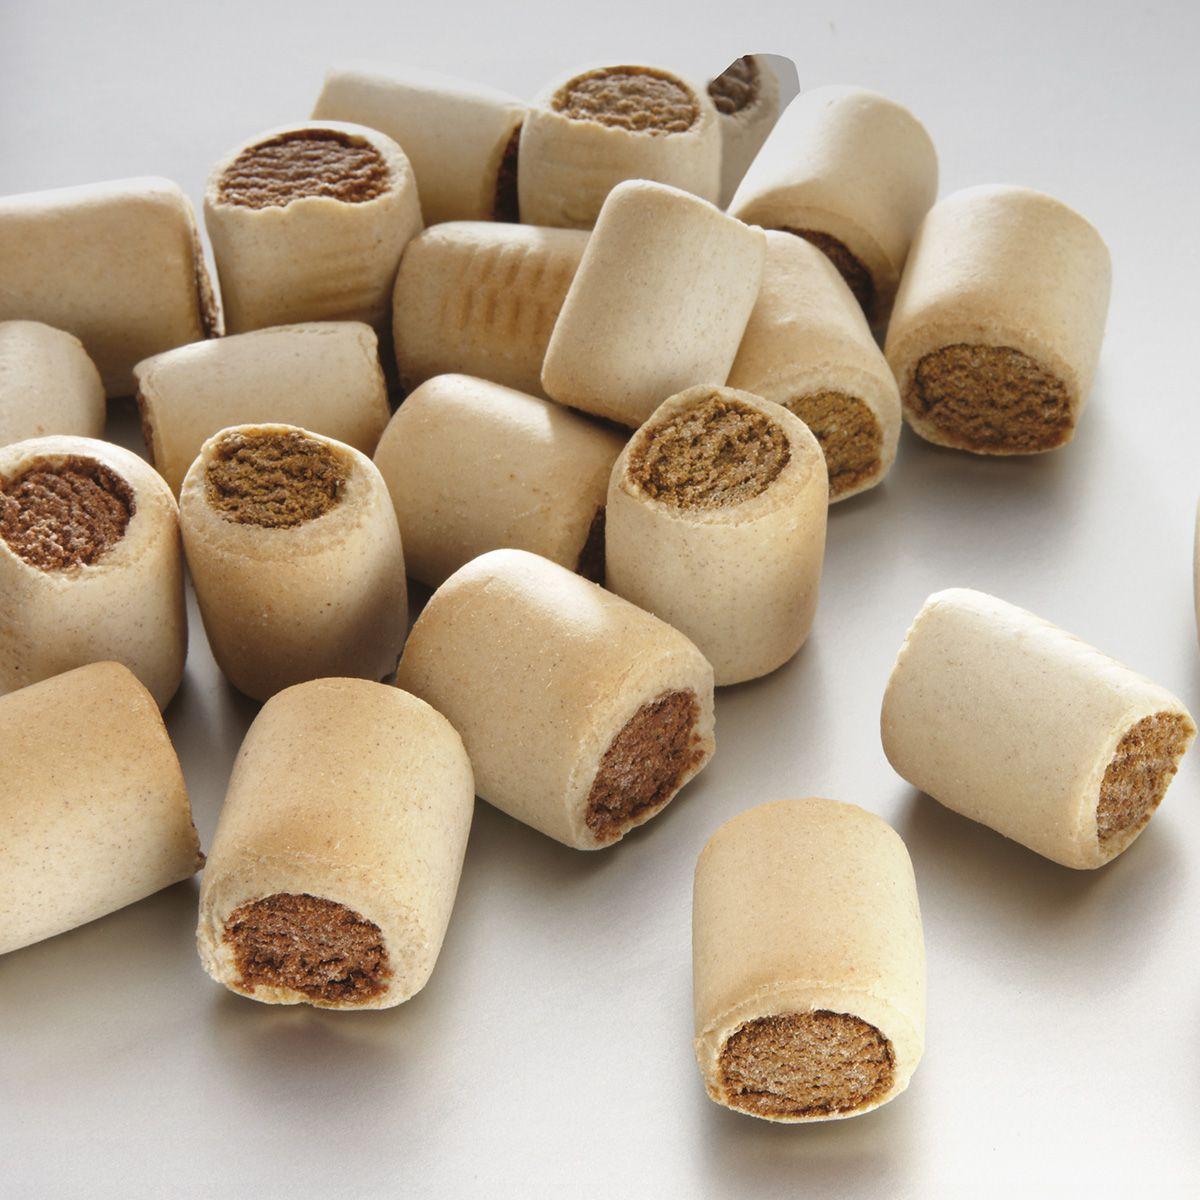 Лакомство для собак Meradog Meaty Rolls Mix, микс-роллы, 10 кг41510Печенье (лакомства) для собак. Как вознаграждение, а также дополнение к основному рациону собак